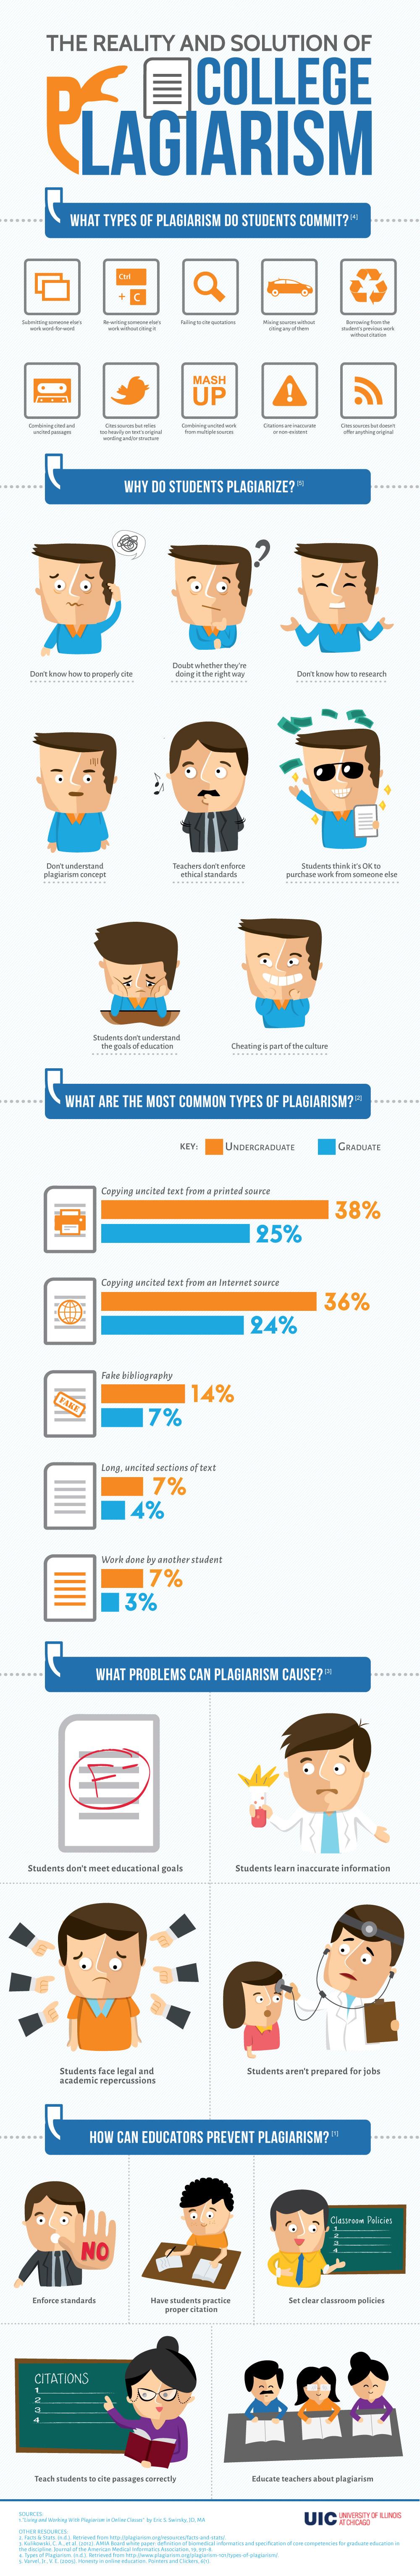 UIC_Plagiarism_Infographic